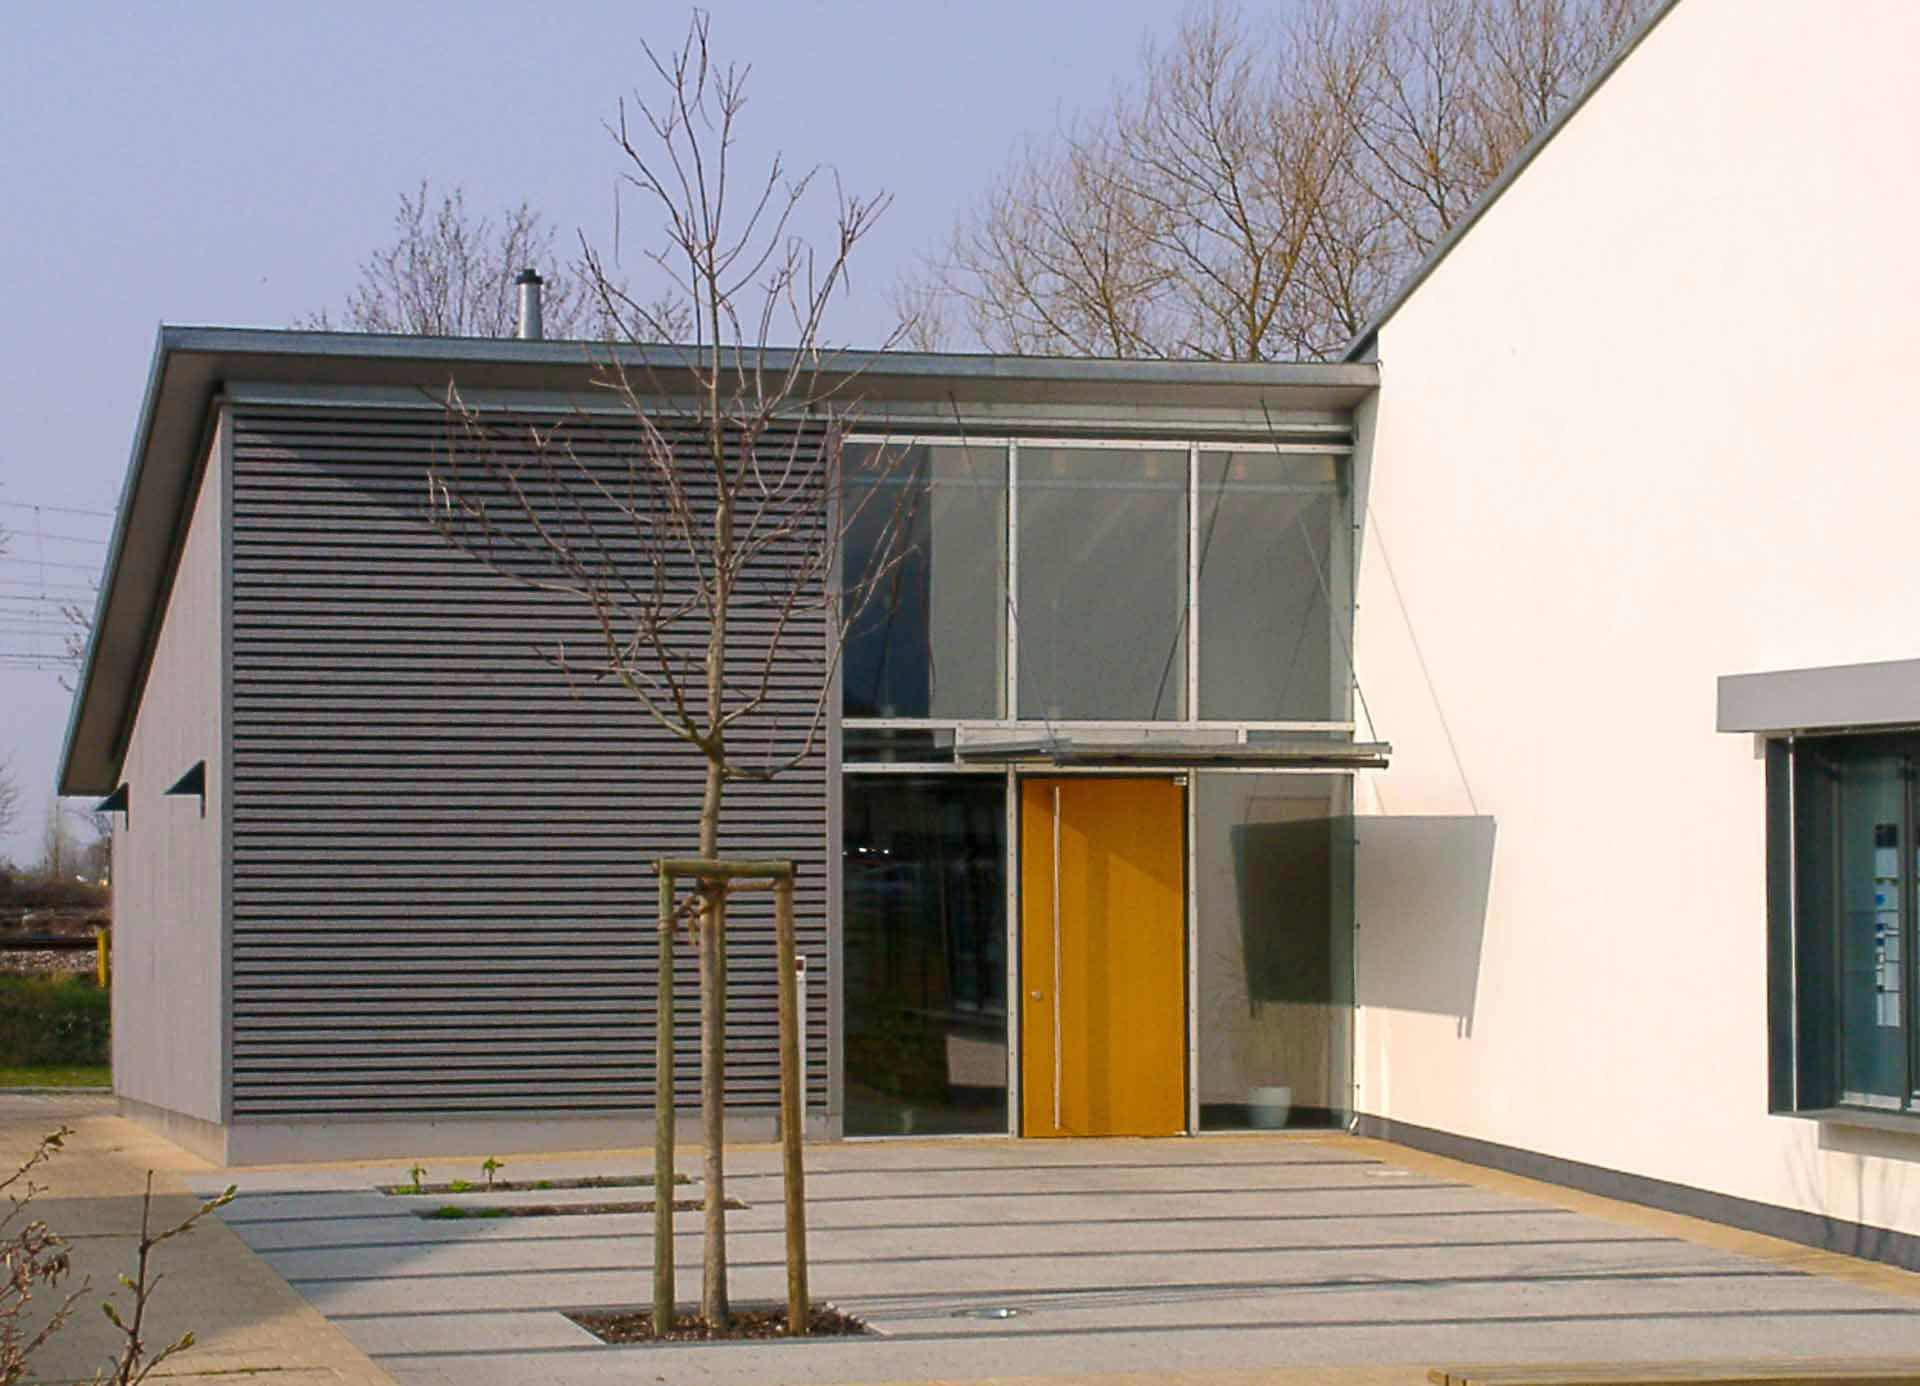 03260009-2 - Neuapostolische Kirche Bad Krozingen